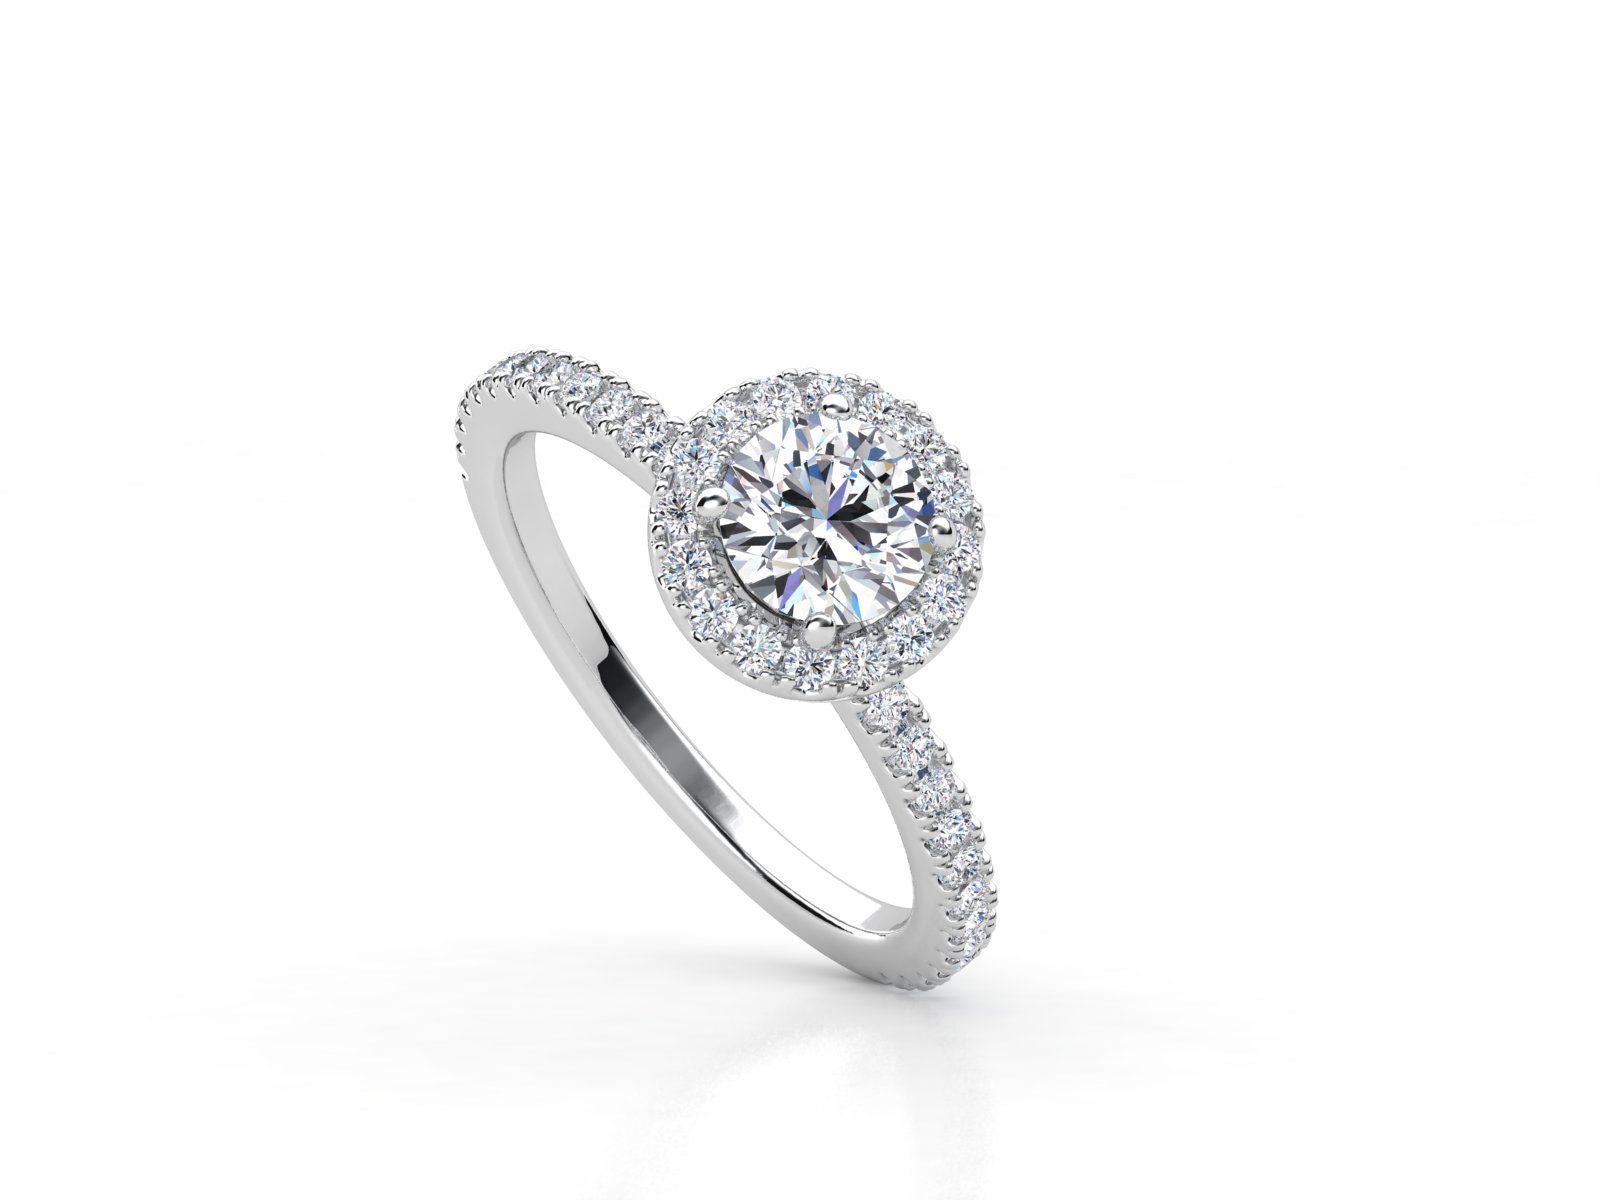 טבעת אירוסין זהב לבן האלו פאווה רוייל ליפט